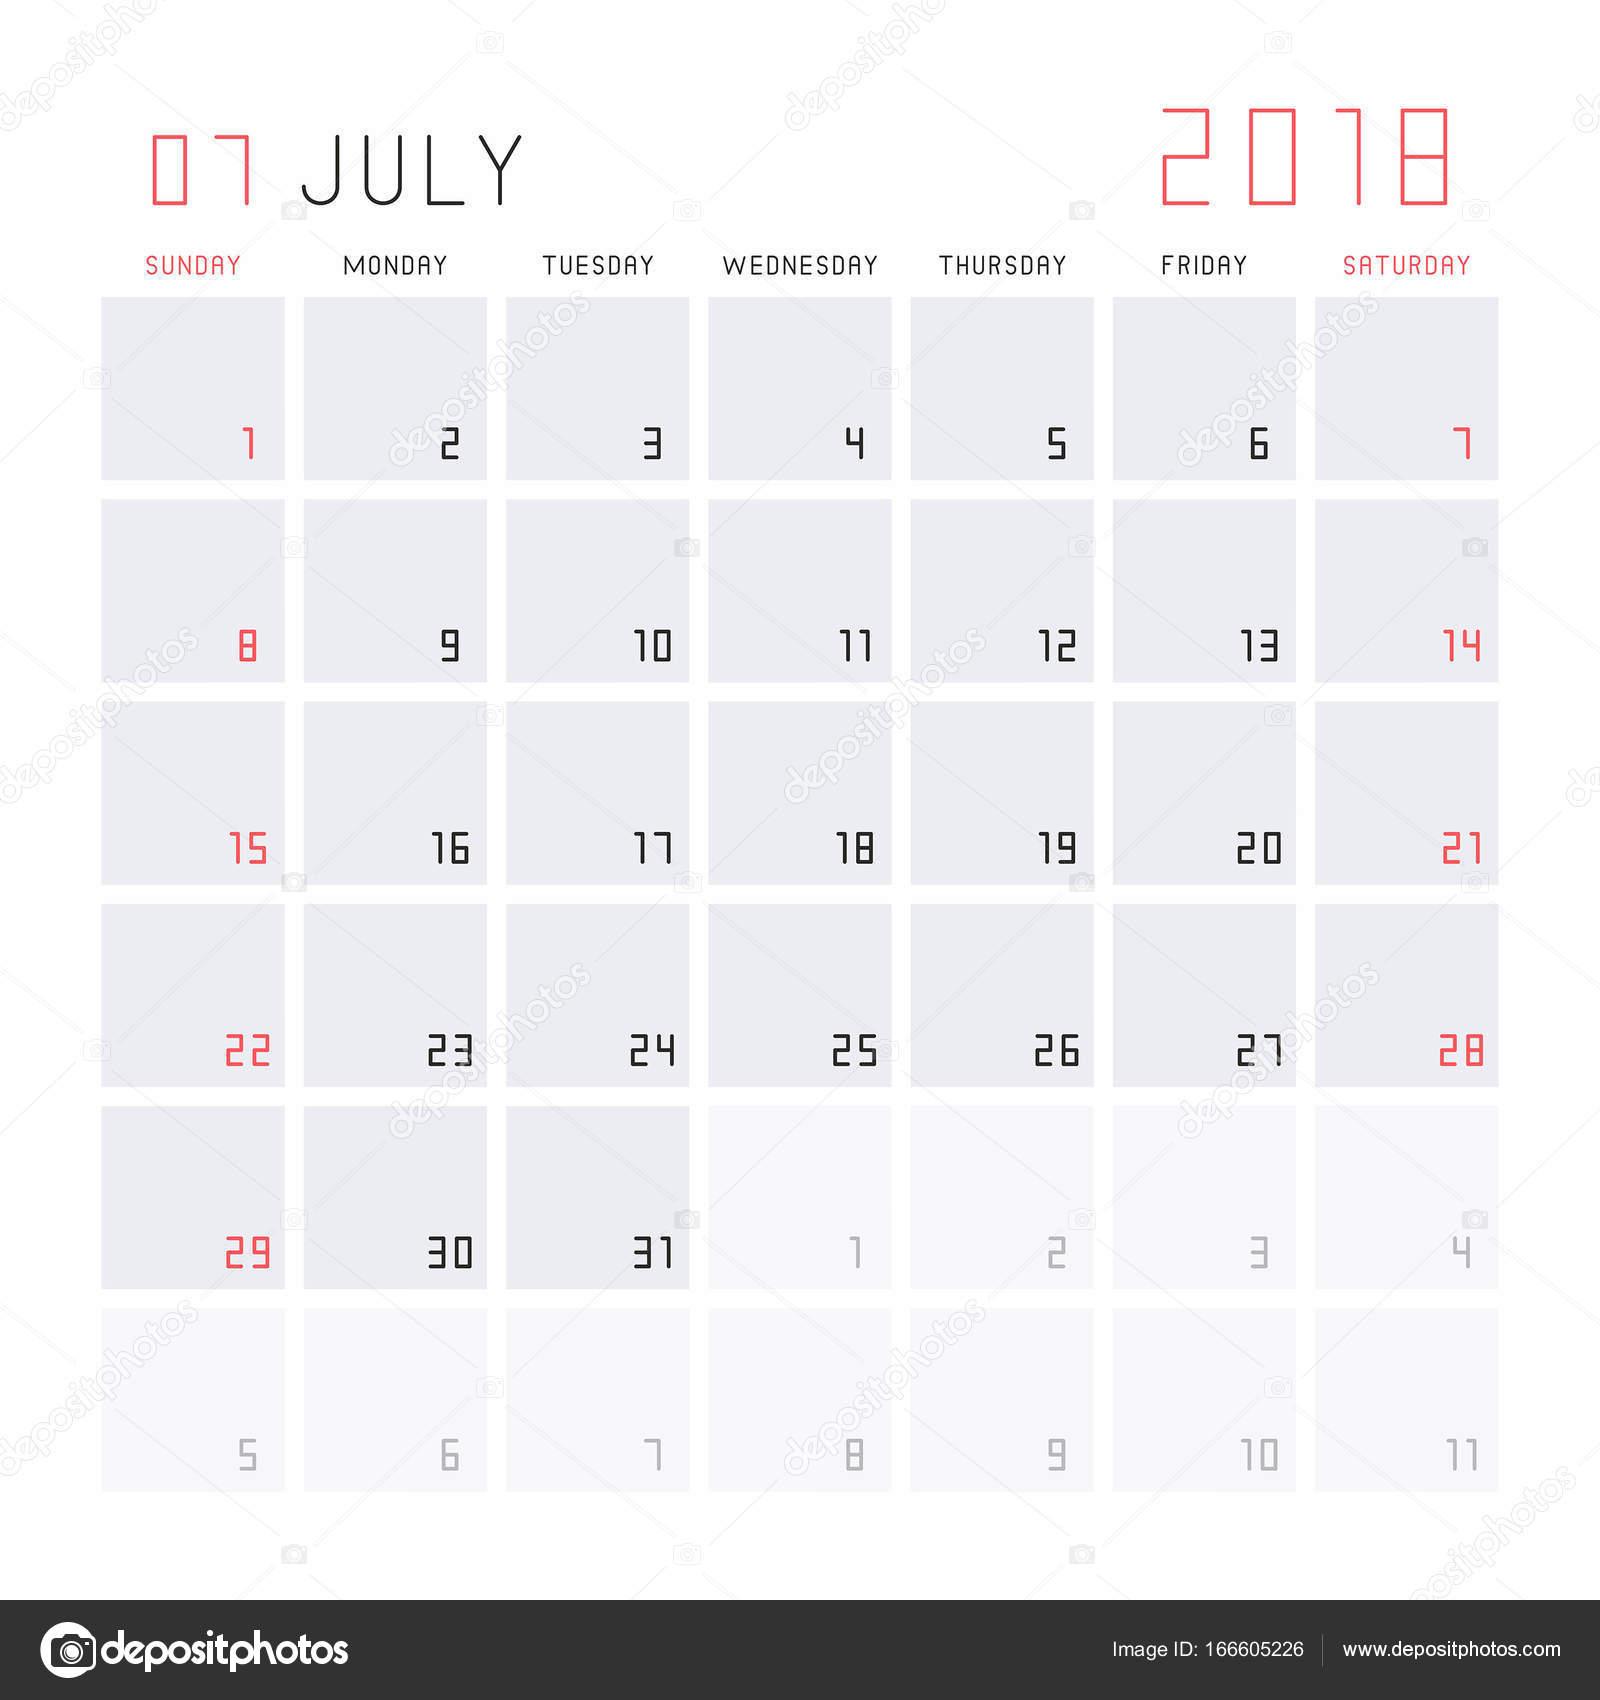 kalendar cervenec Kalendář červenec 2018 — Stock Vektor © NataliiaVolyk #166605226 kalendar cervenec